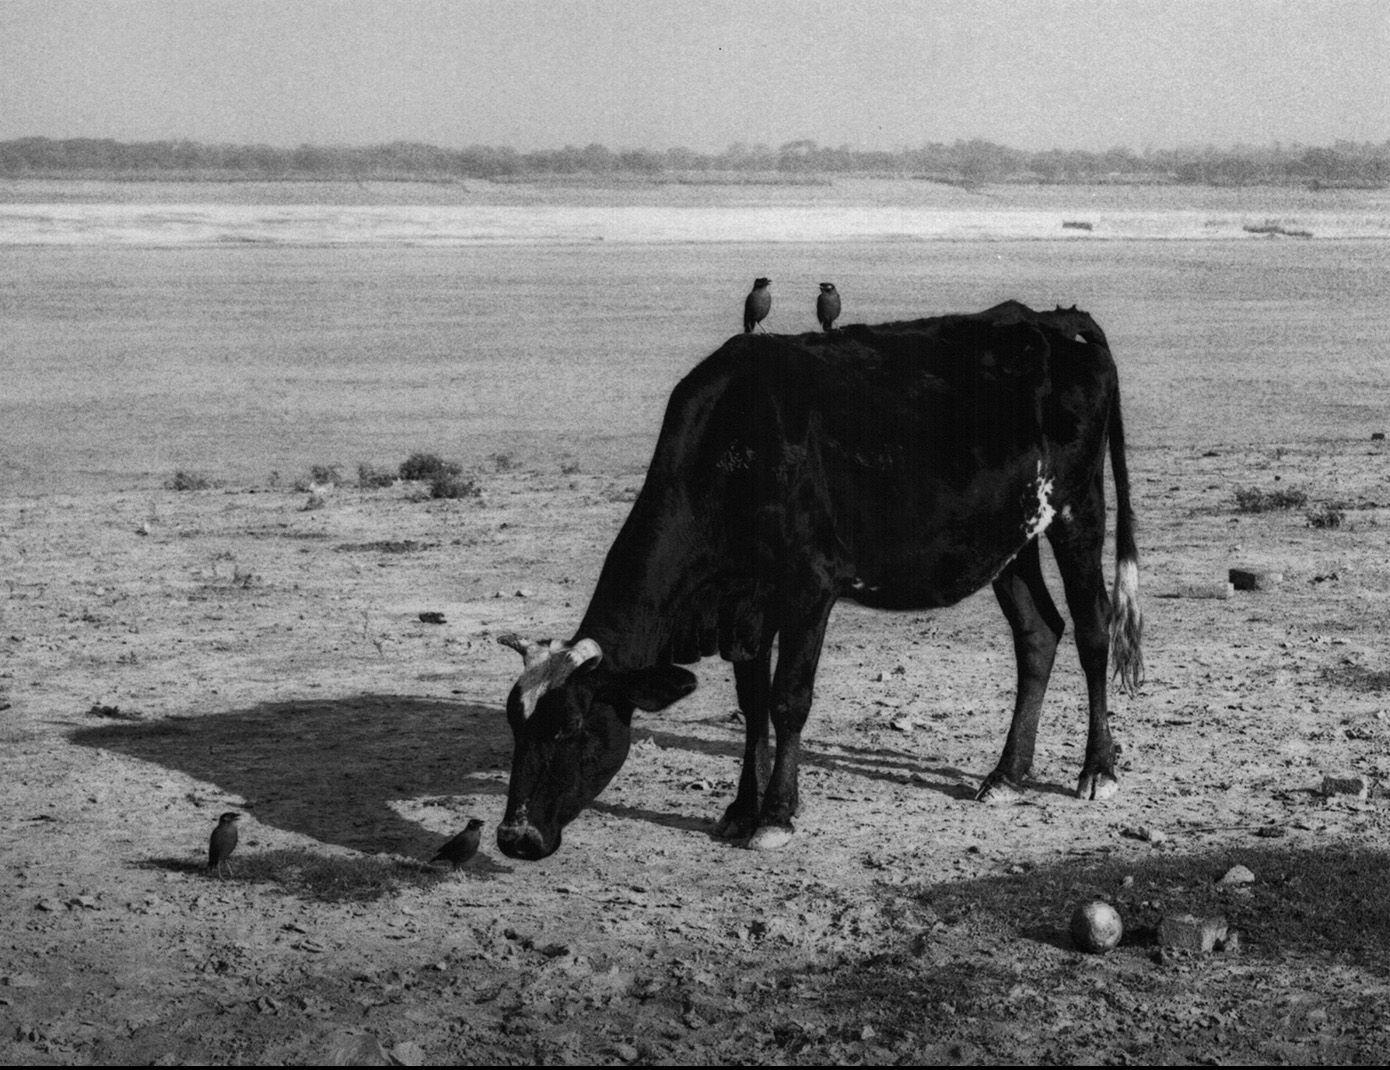 Pentti Sammallahti (b. 1950, Helsinki), Varanasi, India, 1999